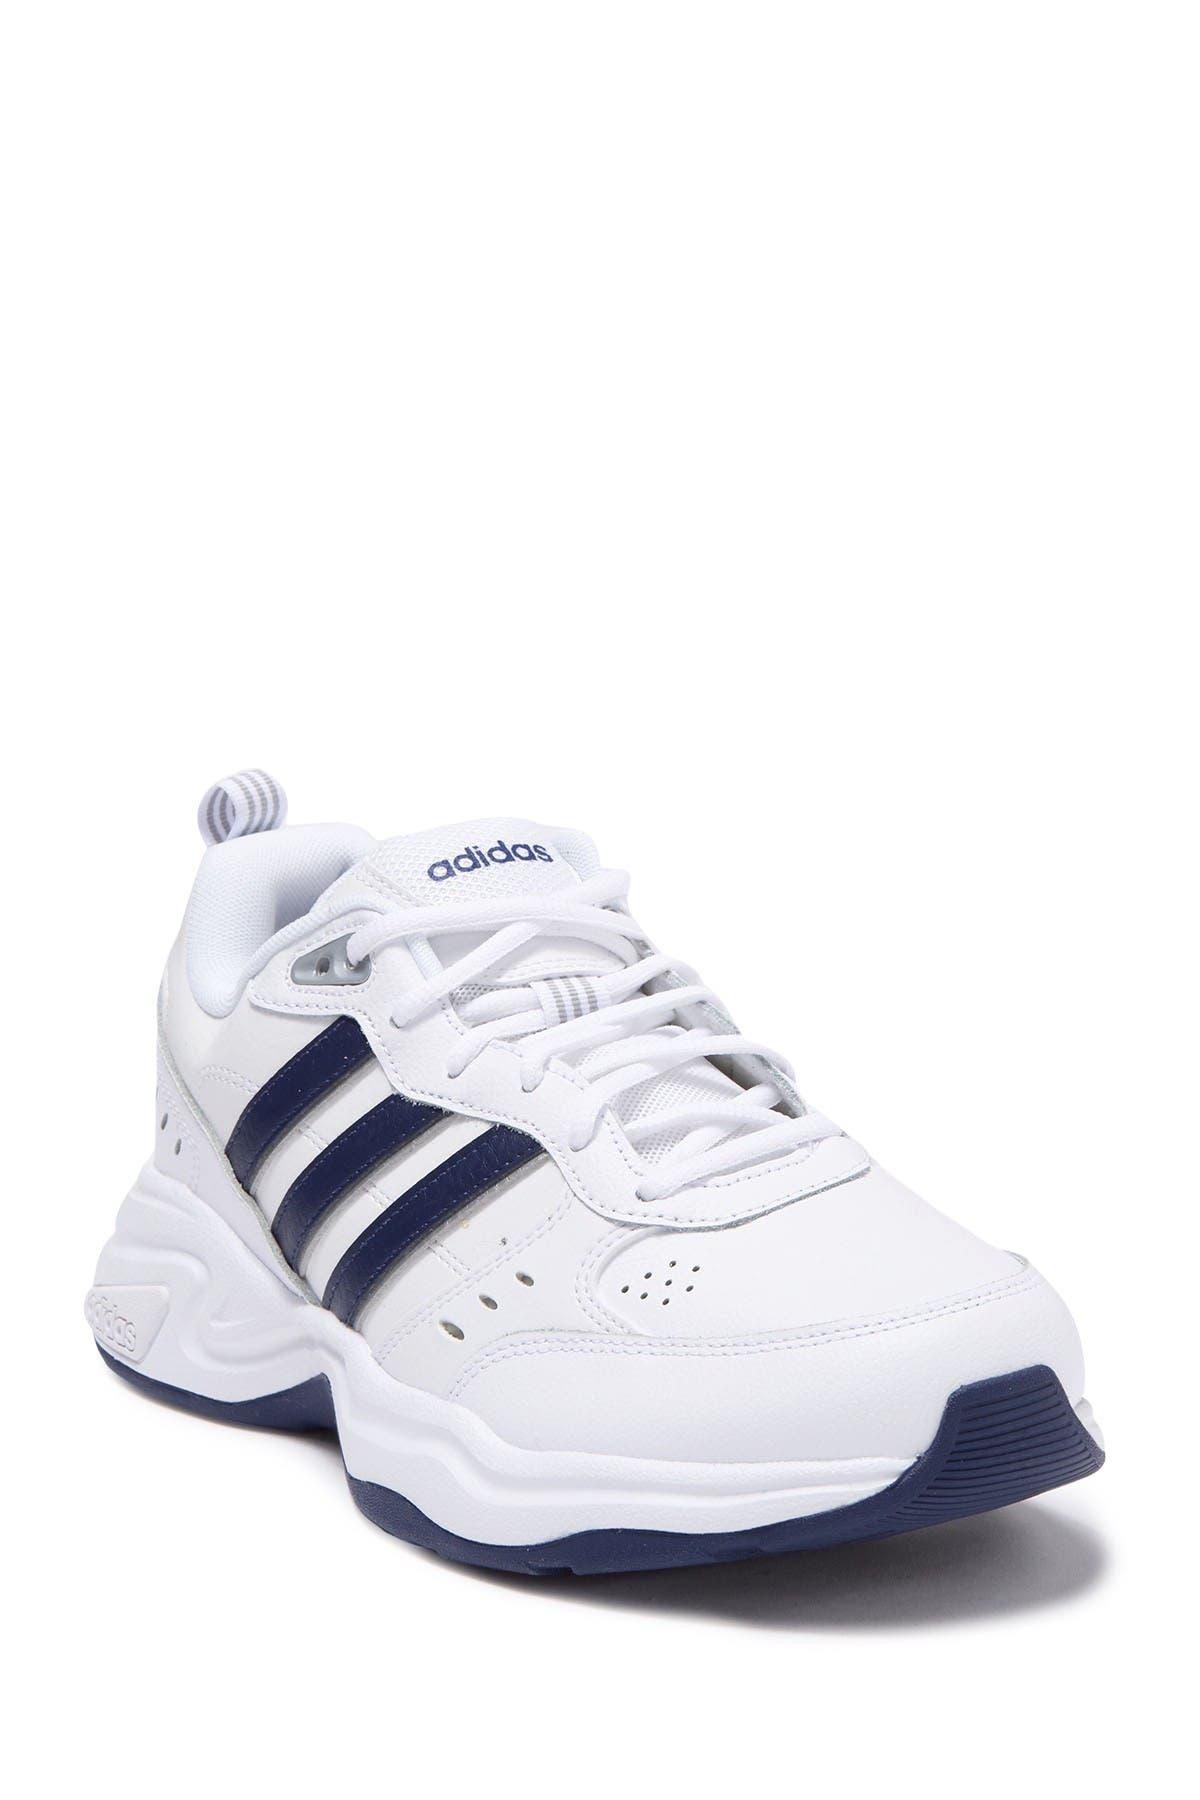 adidas | Strutter Leather Sneaker